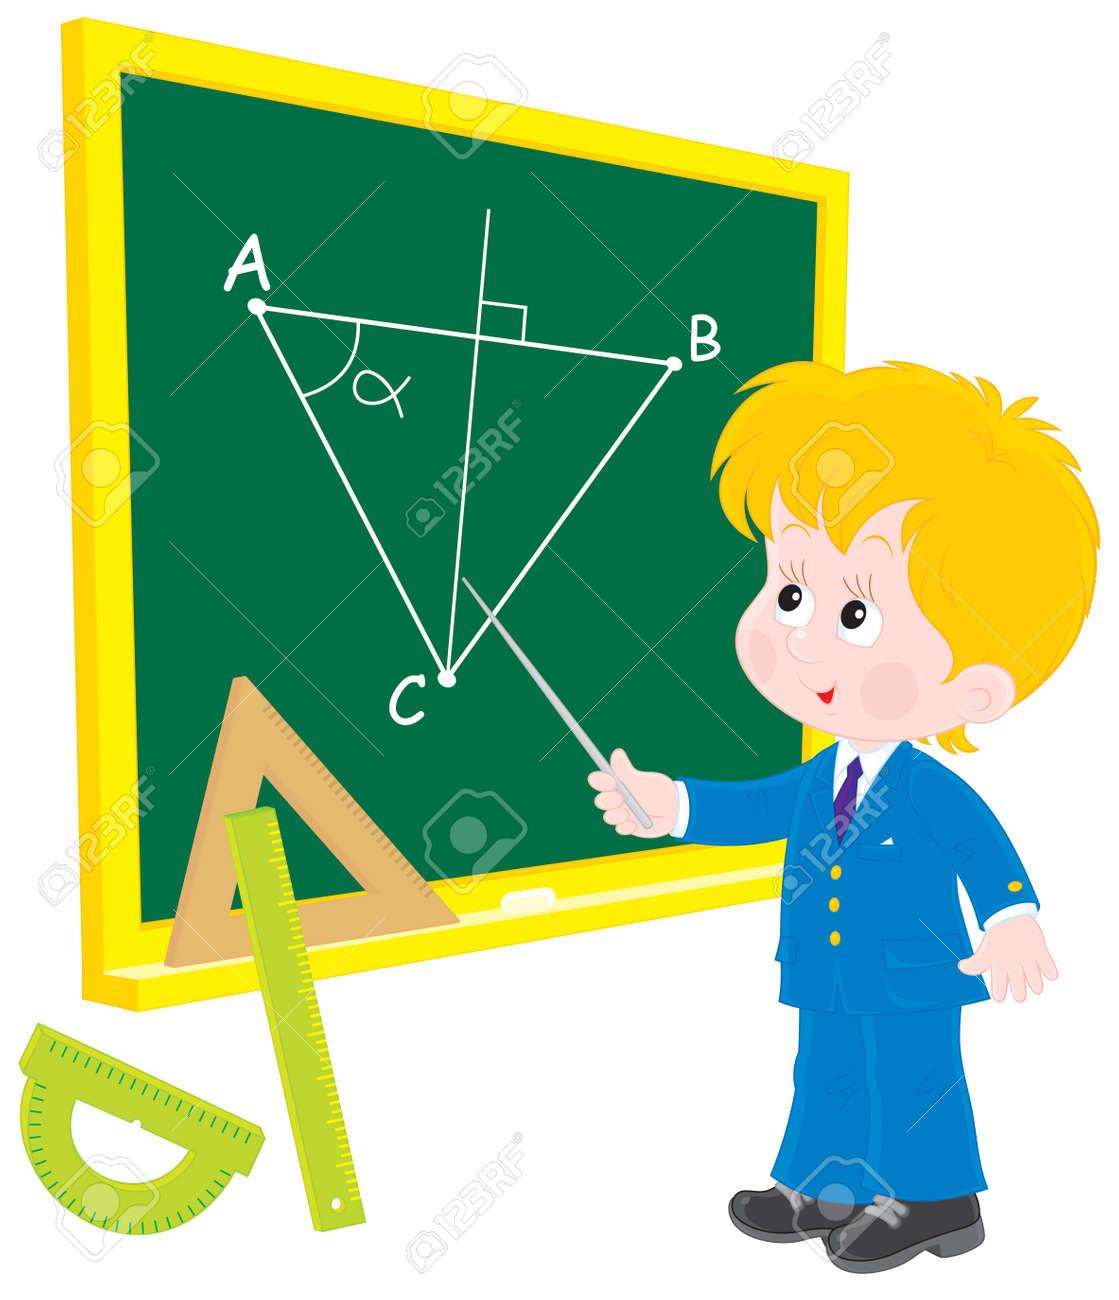 Картинки по запросу в геометрию 1 класс клипарт